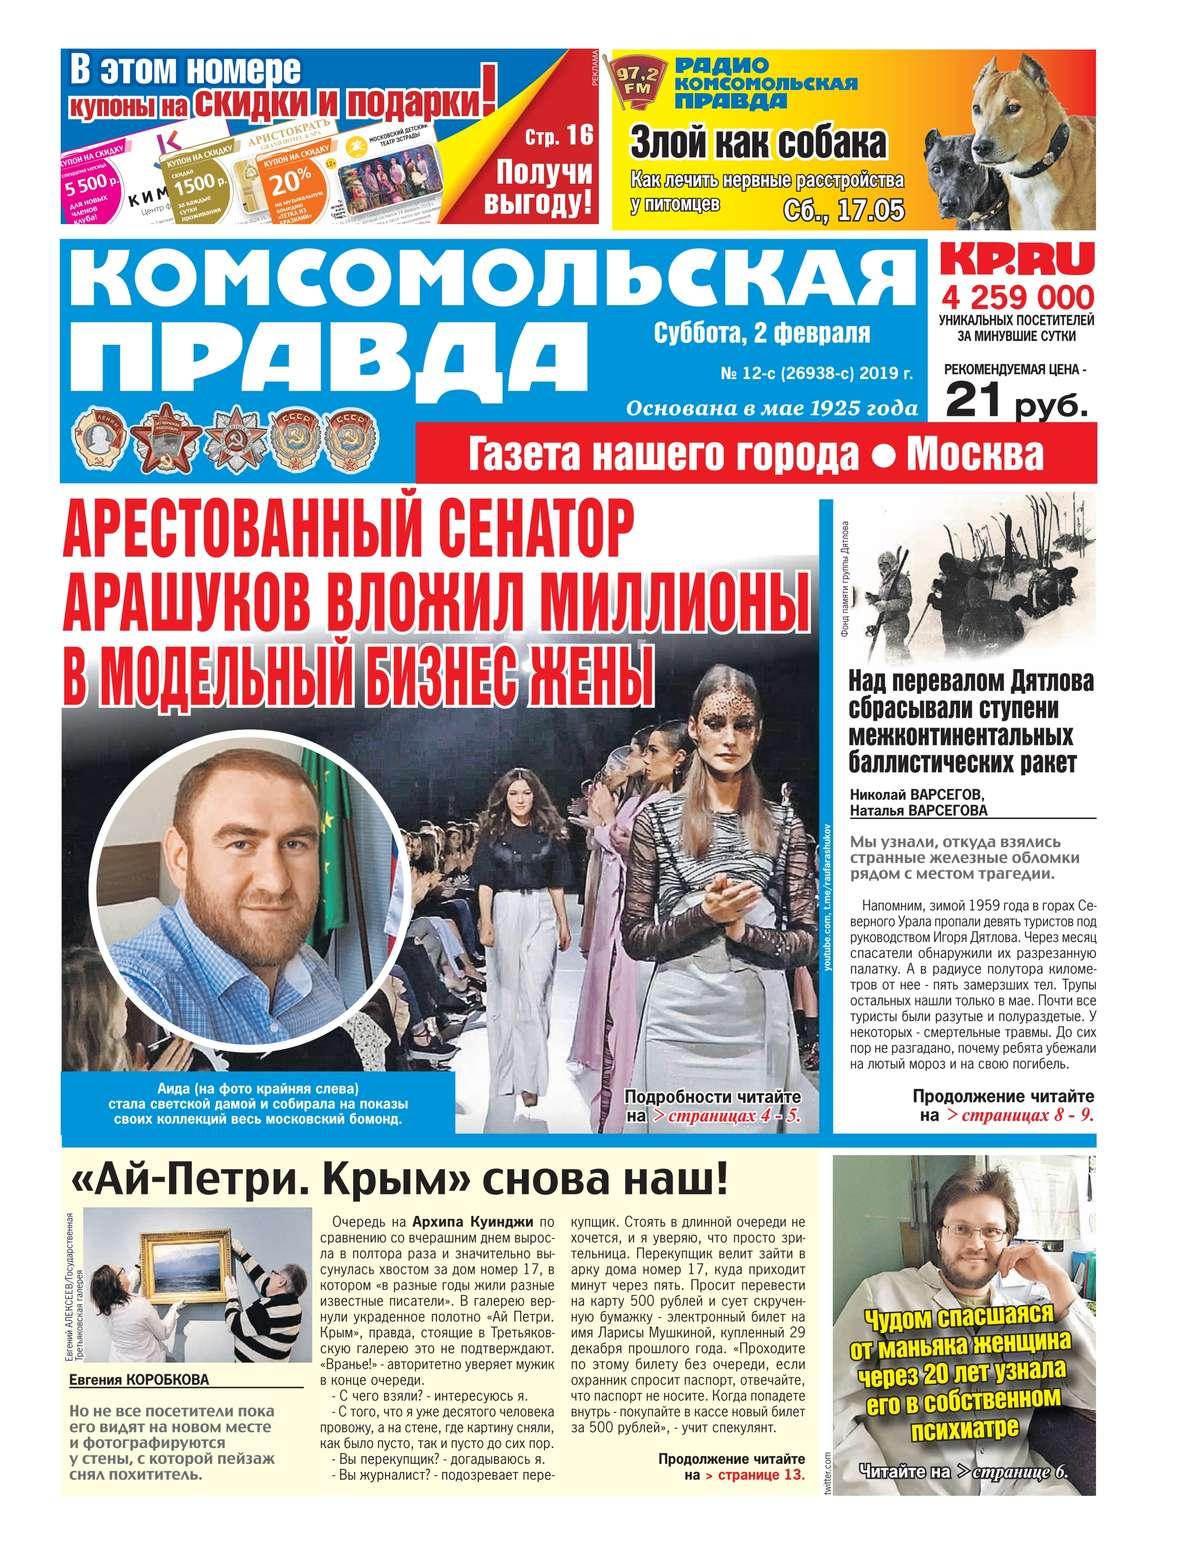 Комсомольская Правда. Москва 12c-2019